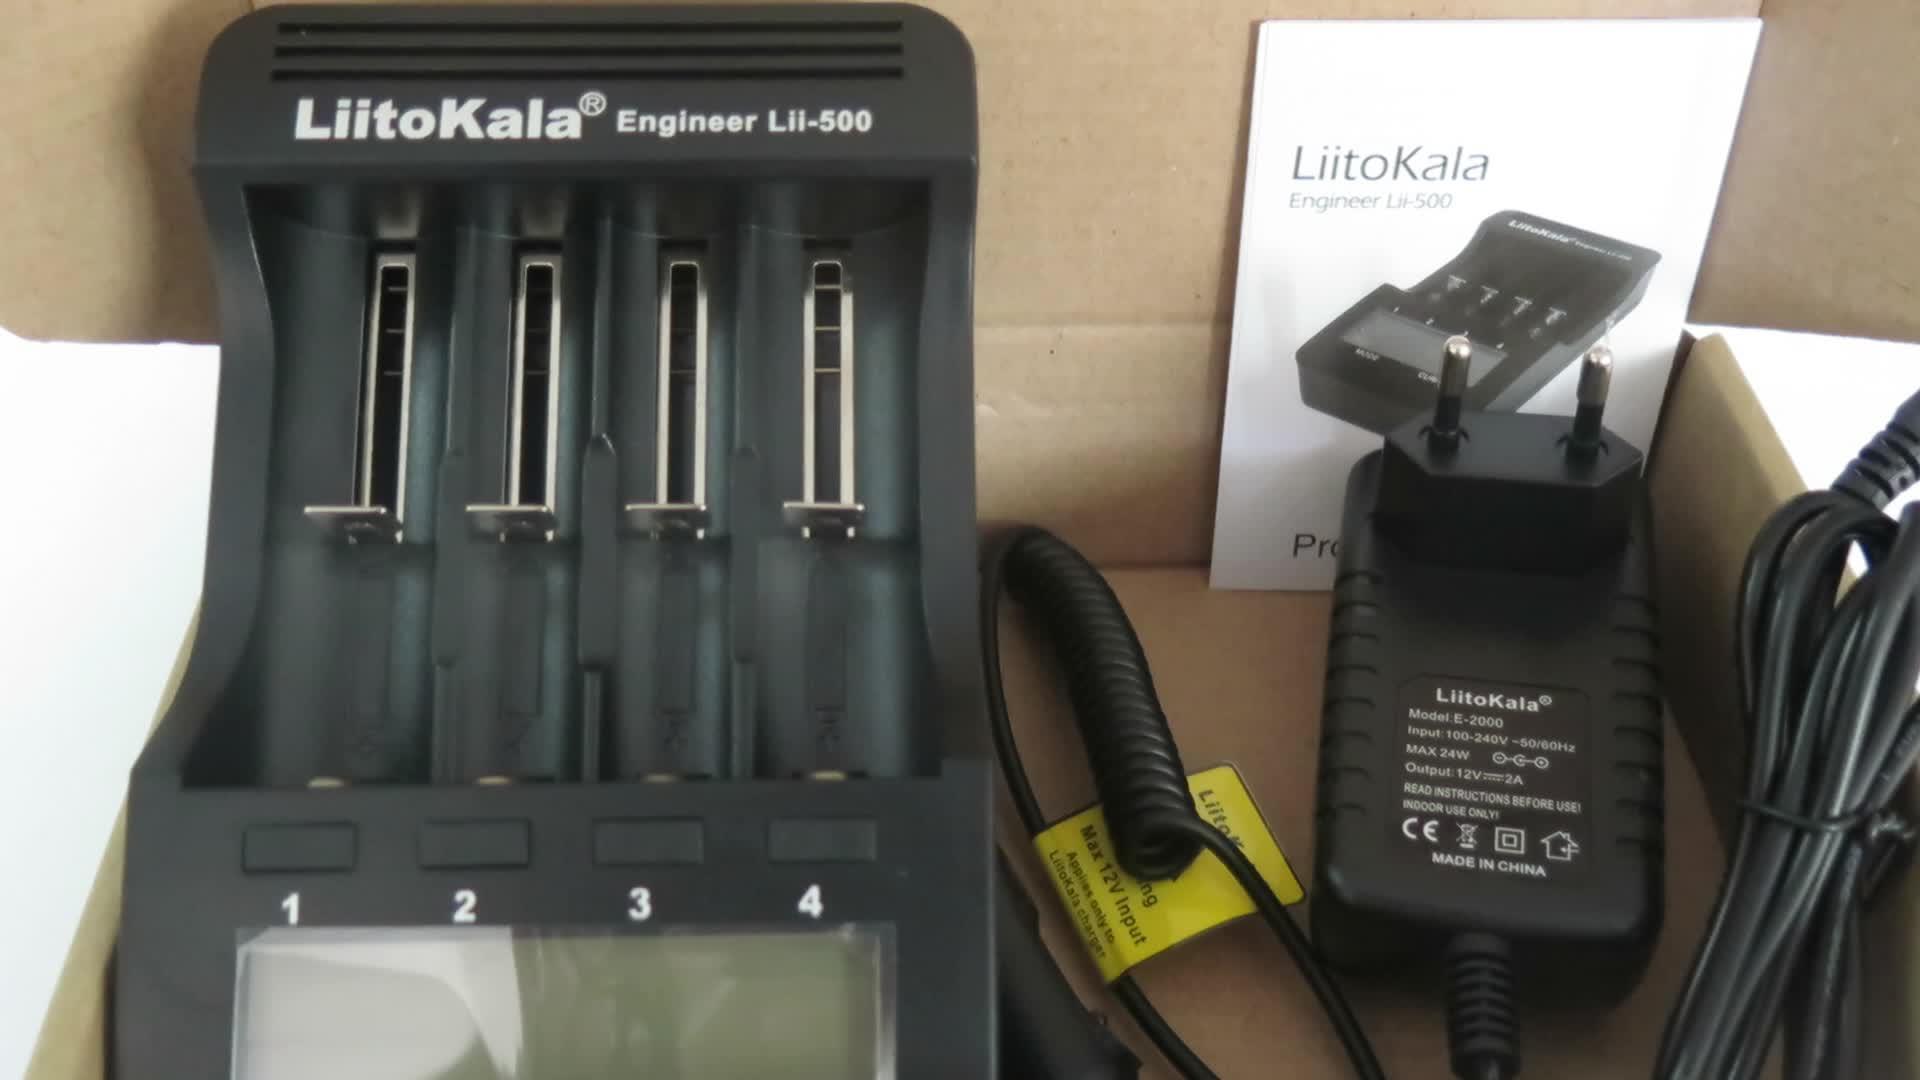 Original Liitokala lii-500 LCD 3,7 V/1,2 V AA/AAA/18650/26650/16340/14500/10440/18500 cargador de batería con pantalla + lii-500 5V1A